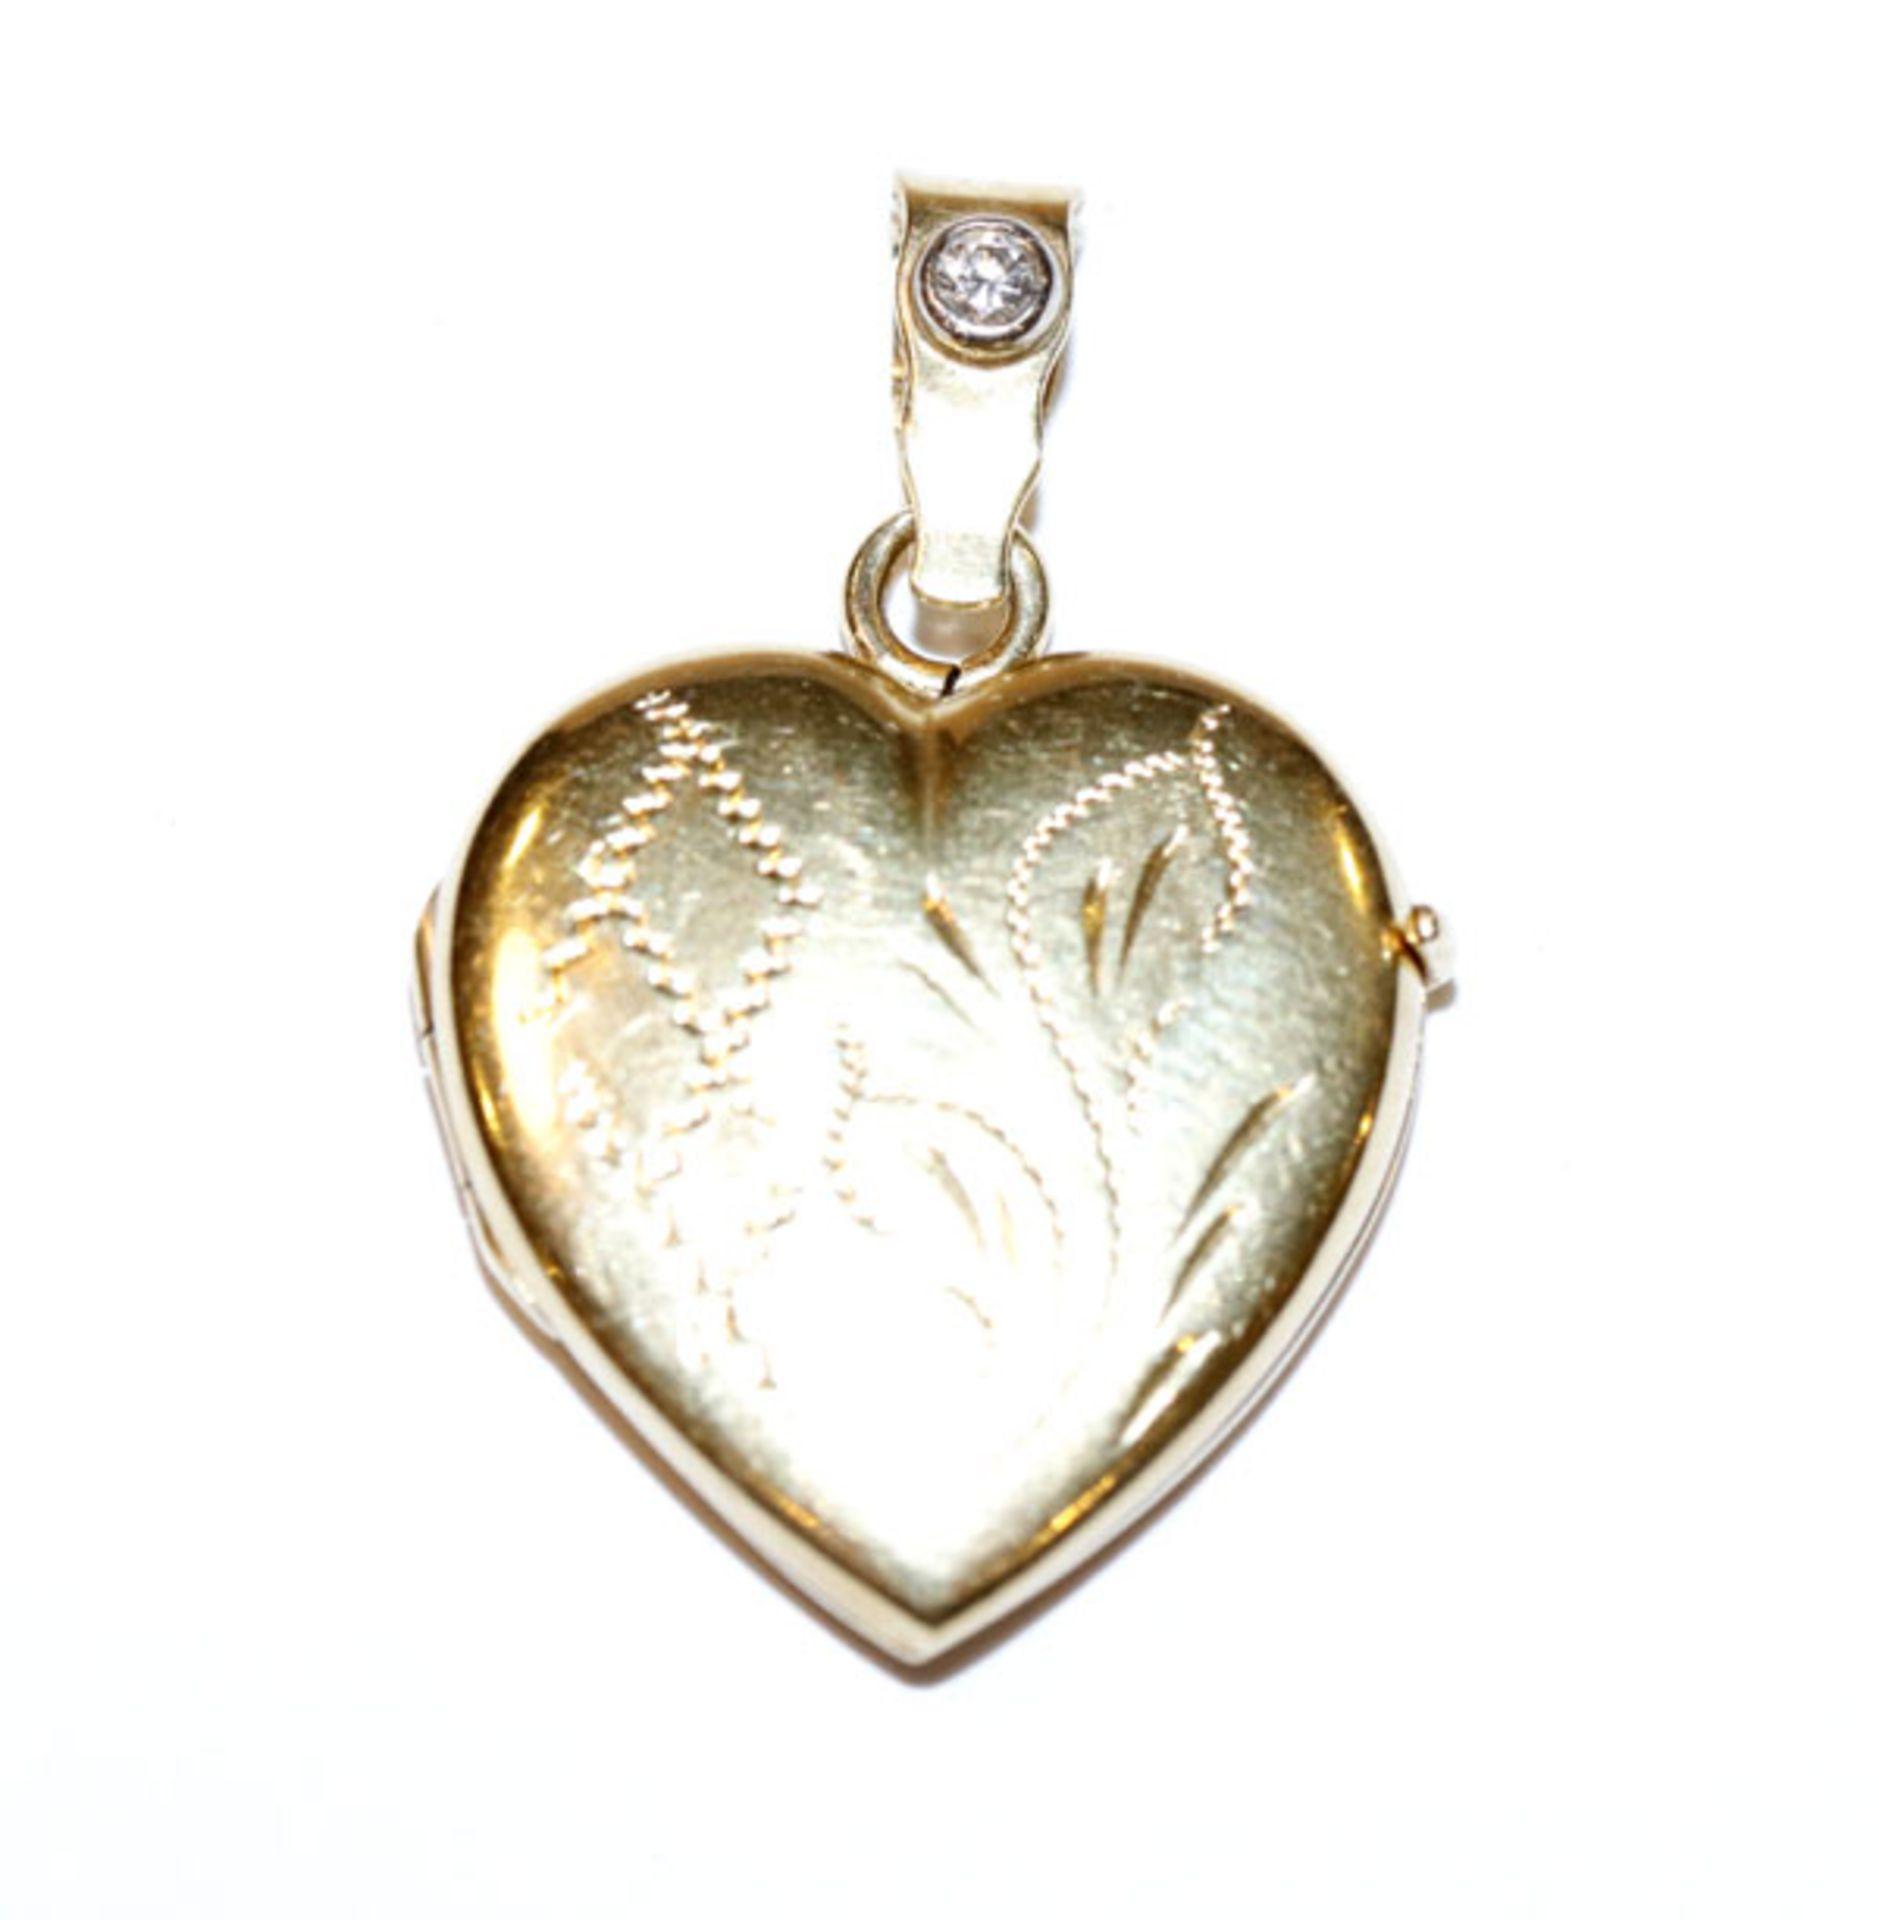 18 k Gelbgold Medaillon-Herzanhänger, fein graviert und mit einem Diamant besetzt, aufklappbar, H